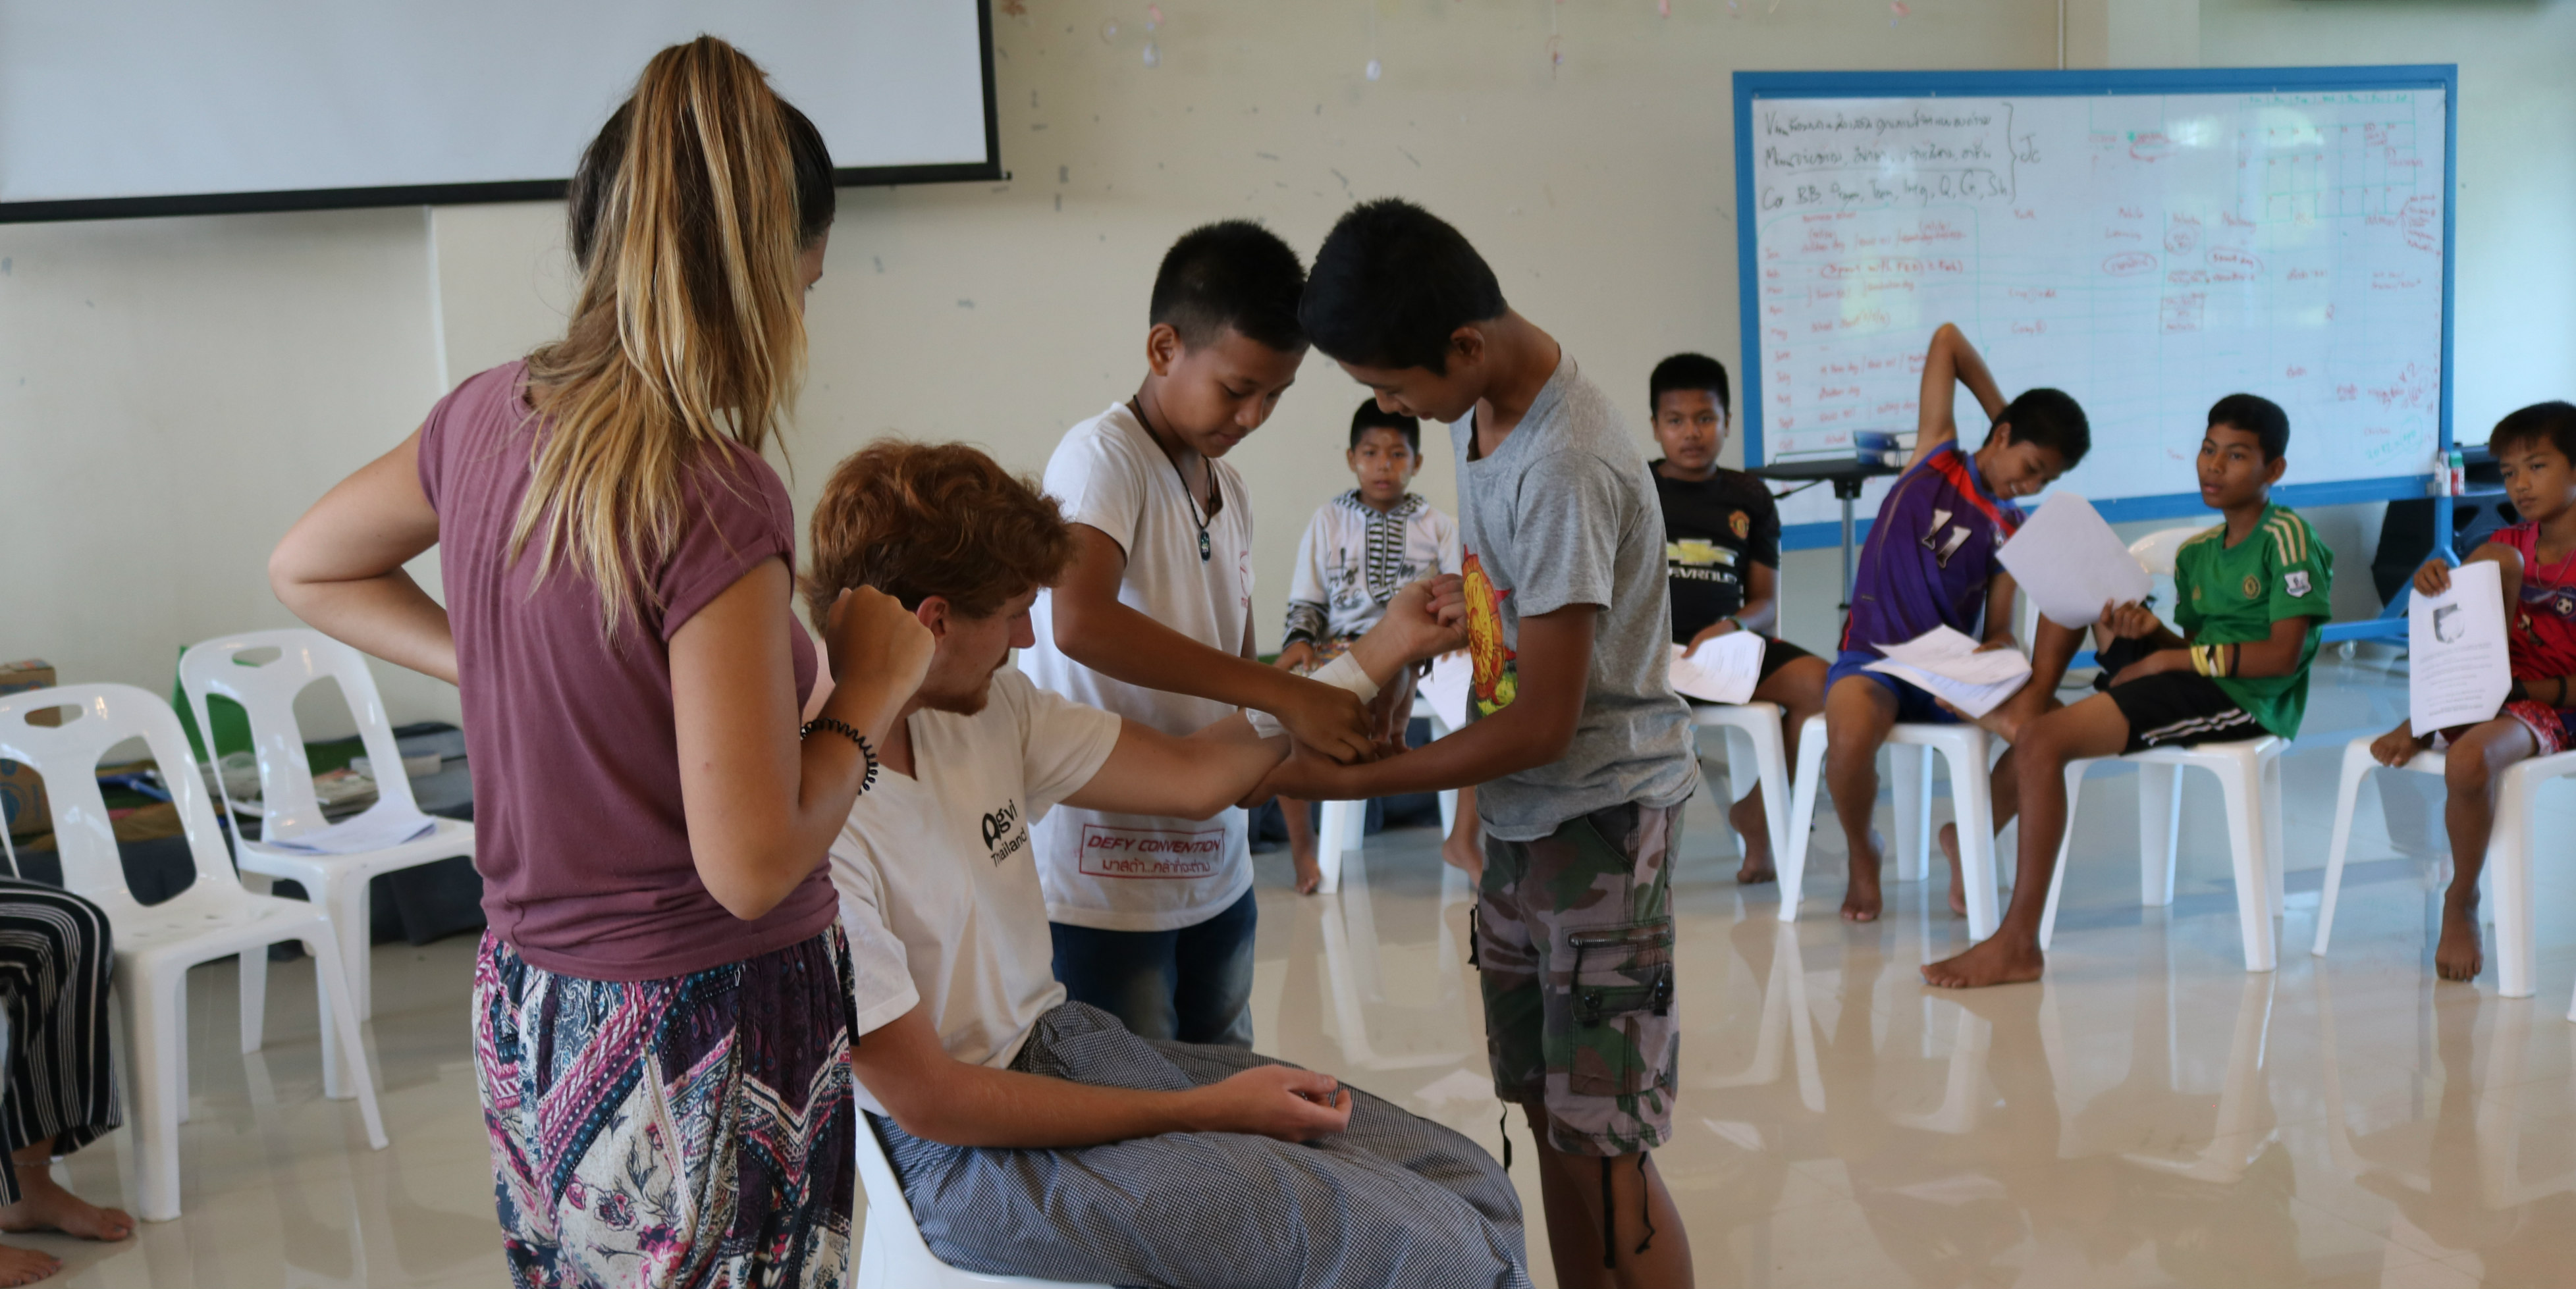 volunteer to help children